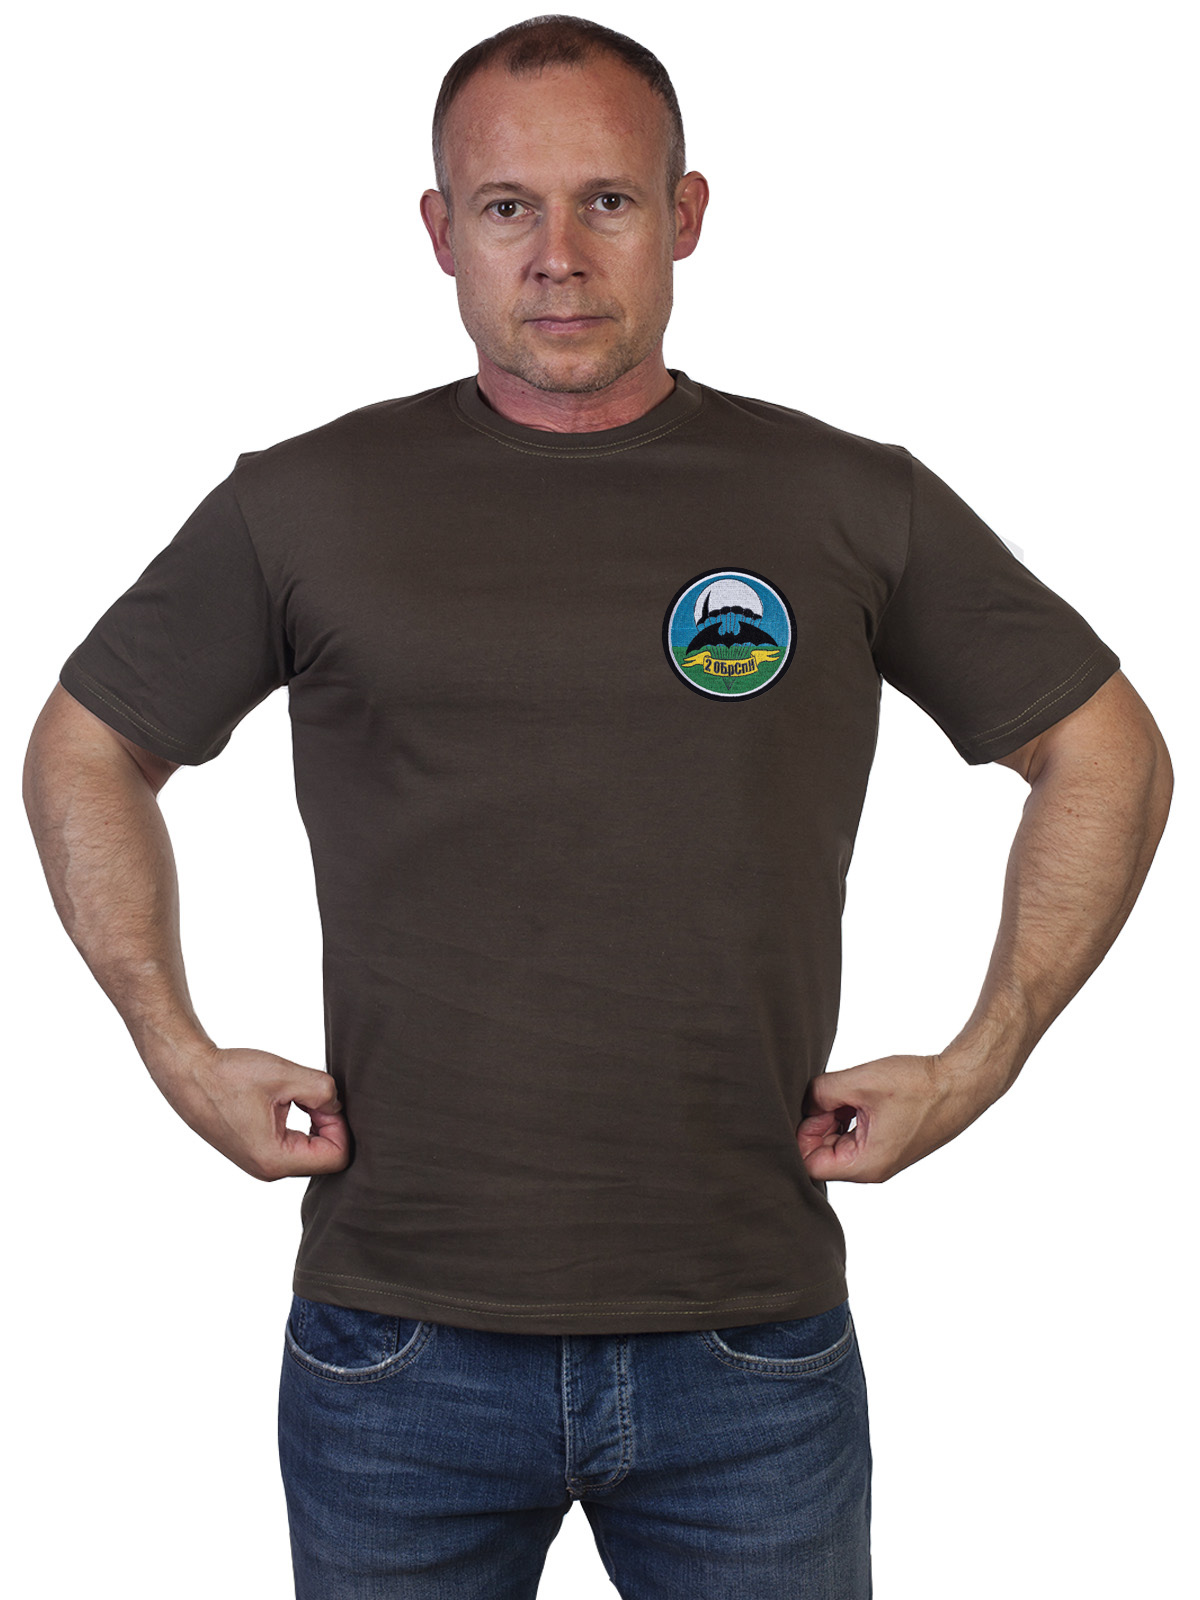 Купить в военторге футболку 2 ОБрСпН